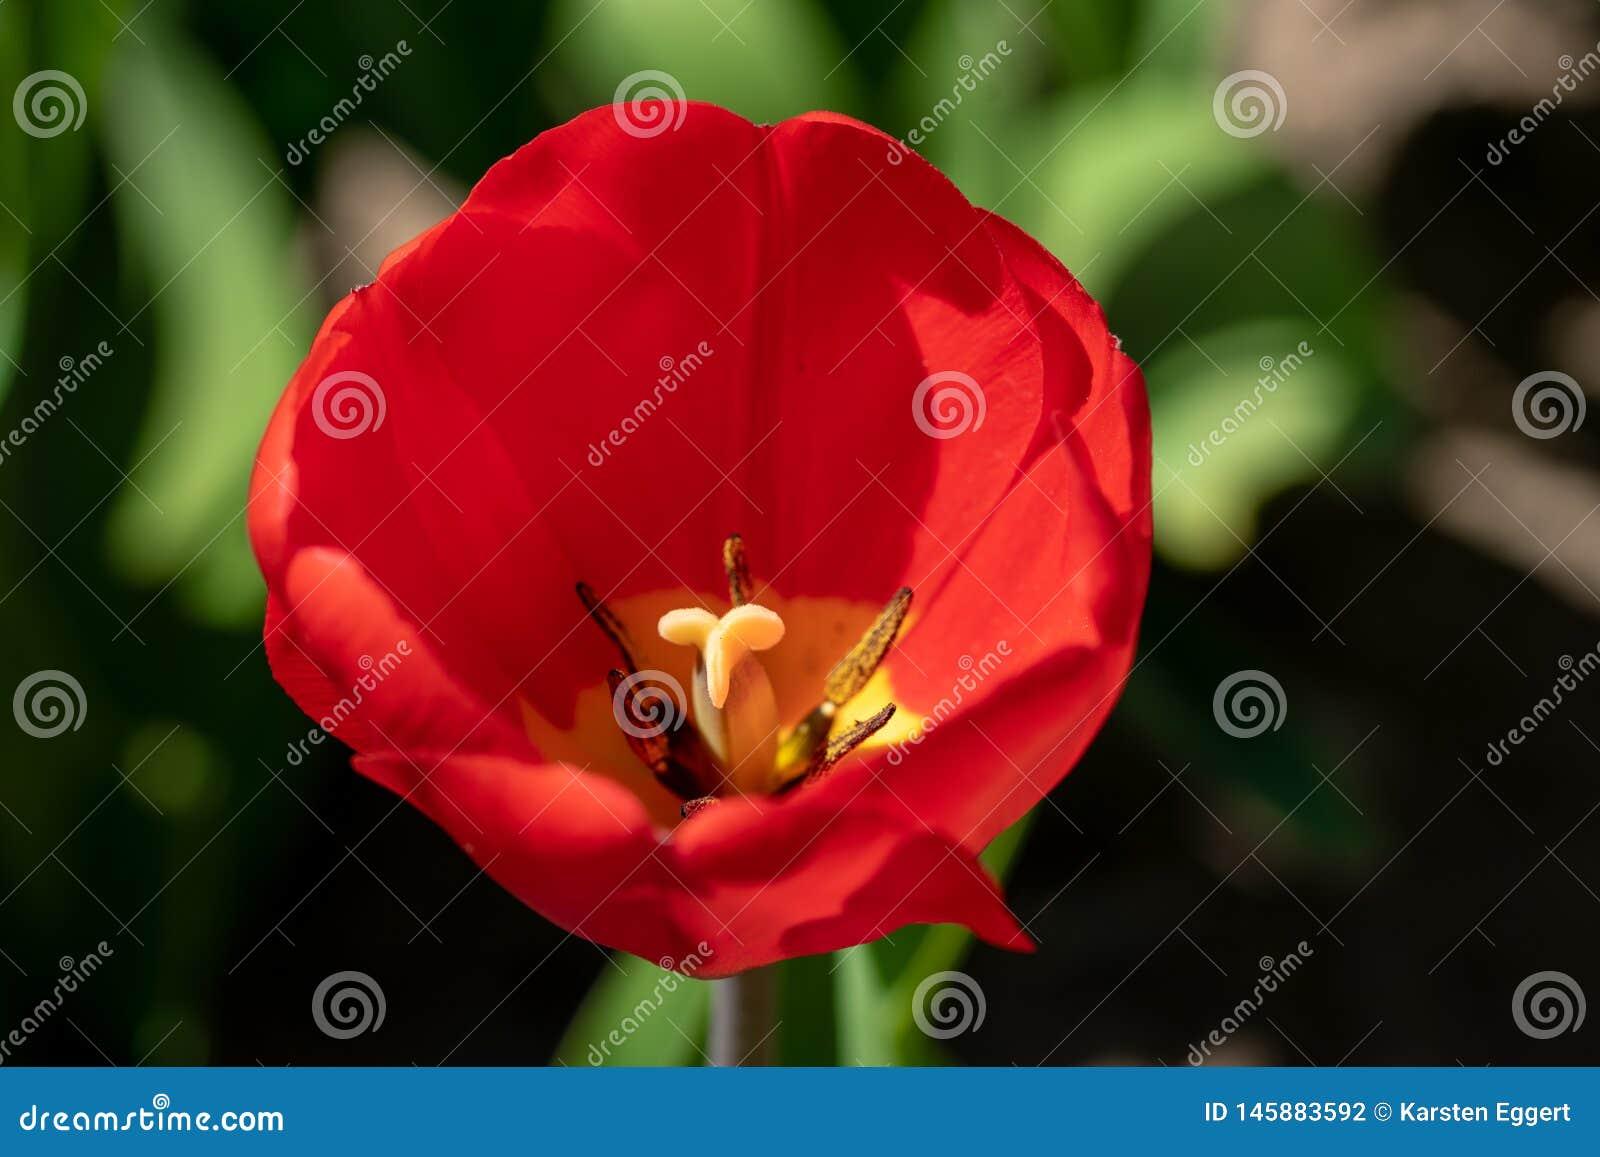 Rote Tulpe steht vor einem Tulpenfeld